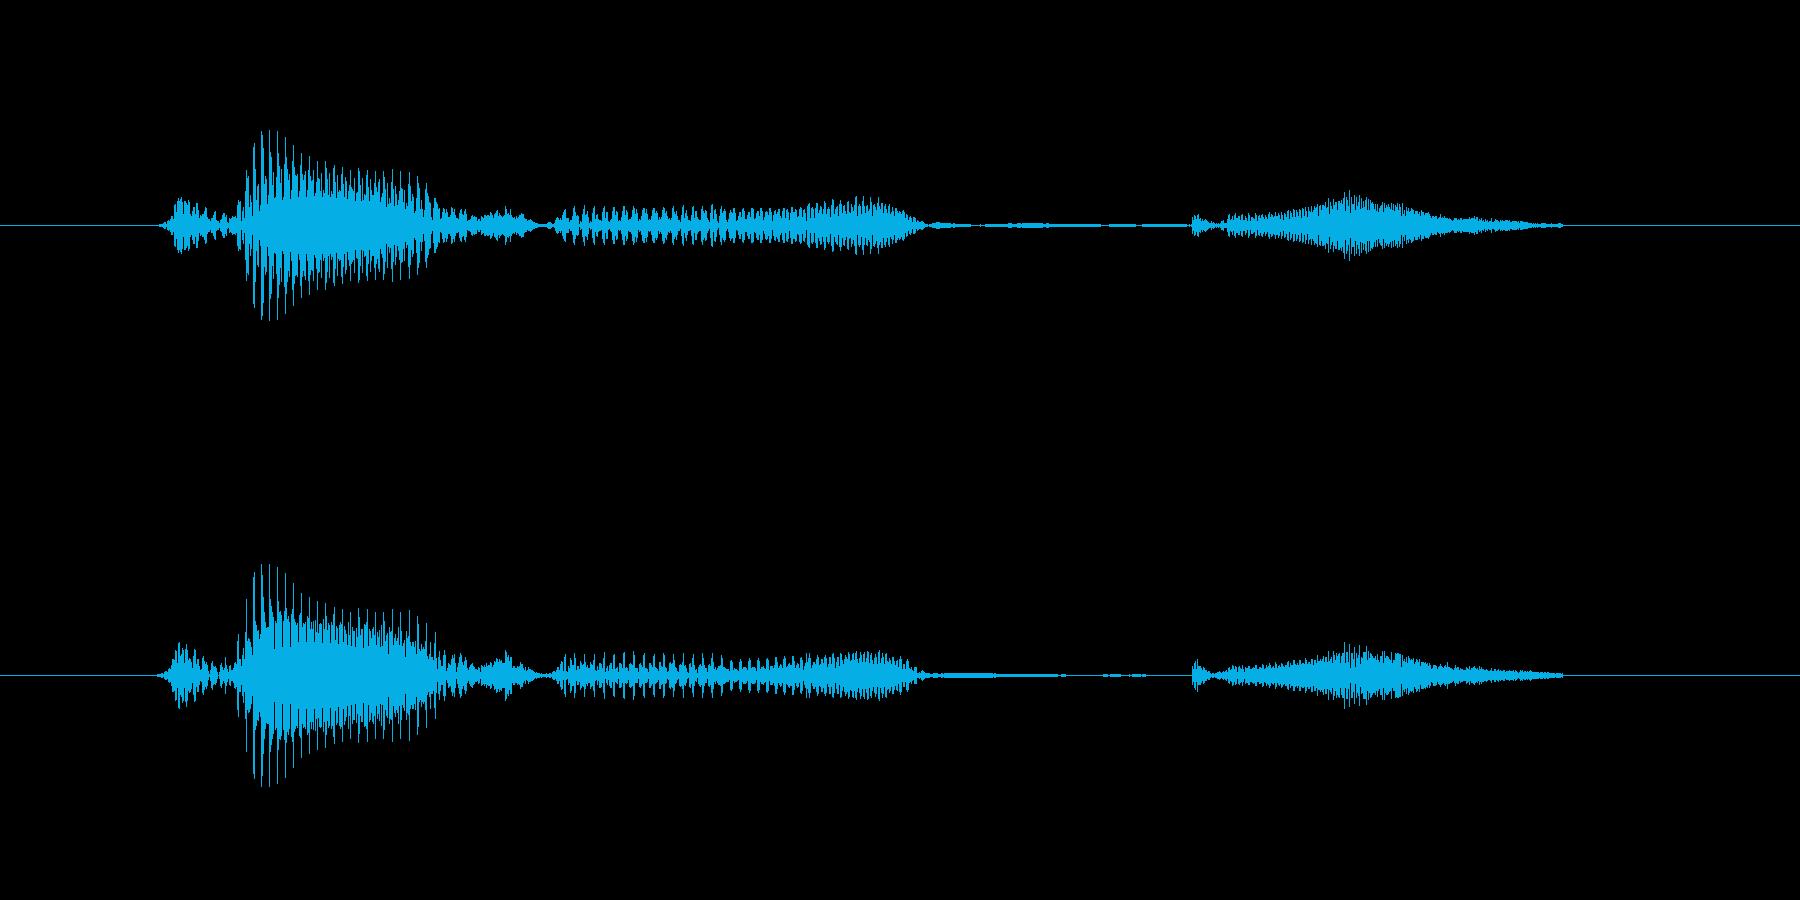 【挨拶】どうぞ上がって(低音)の再生済みの波形